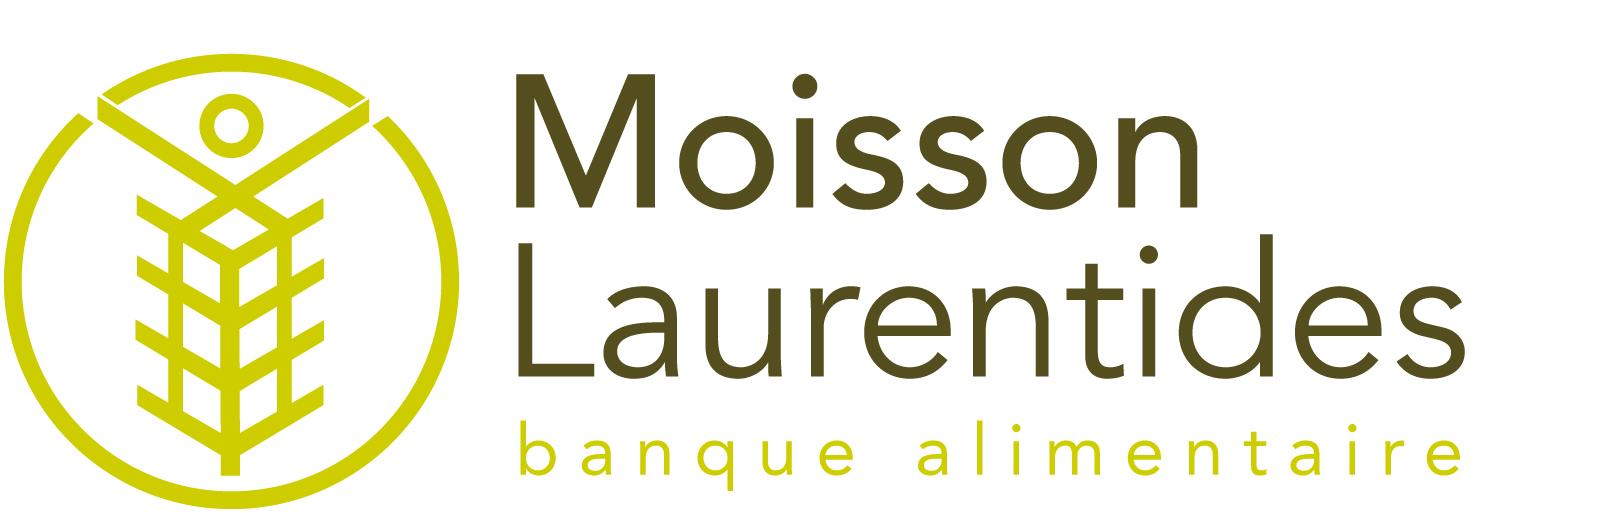 Moisson Laurentides